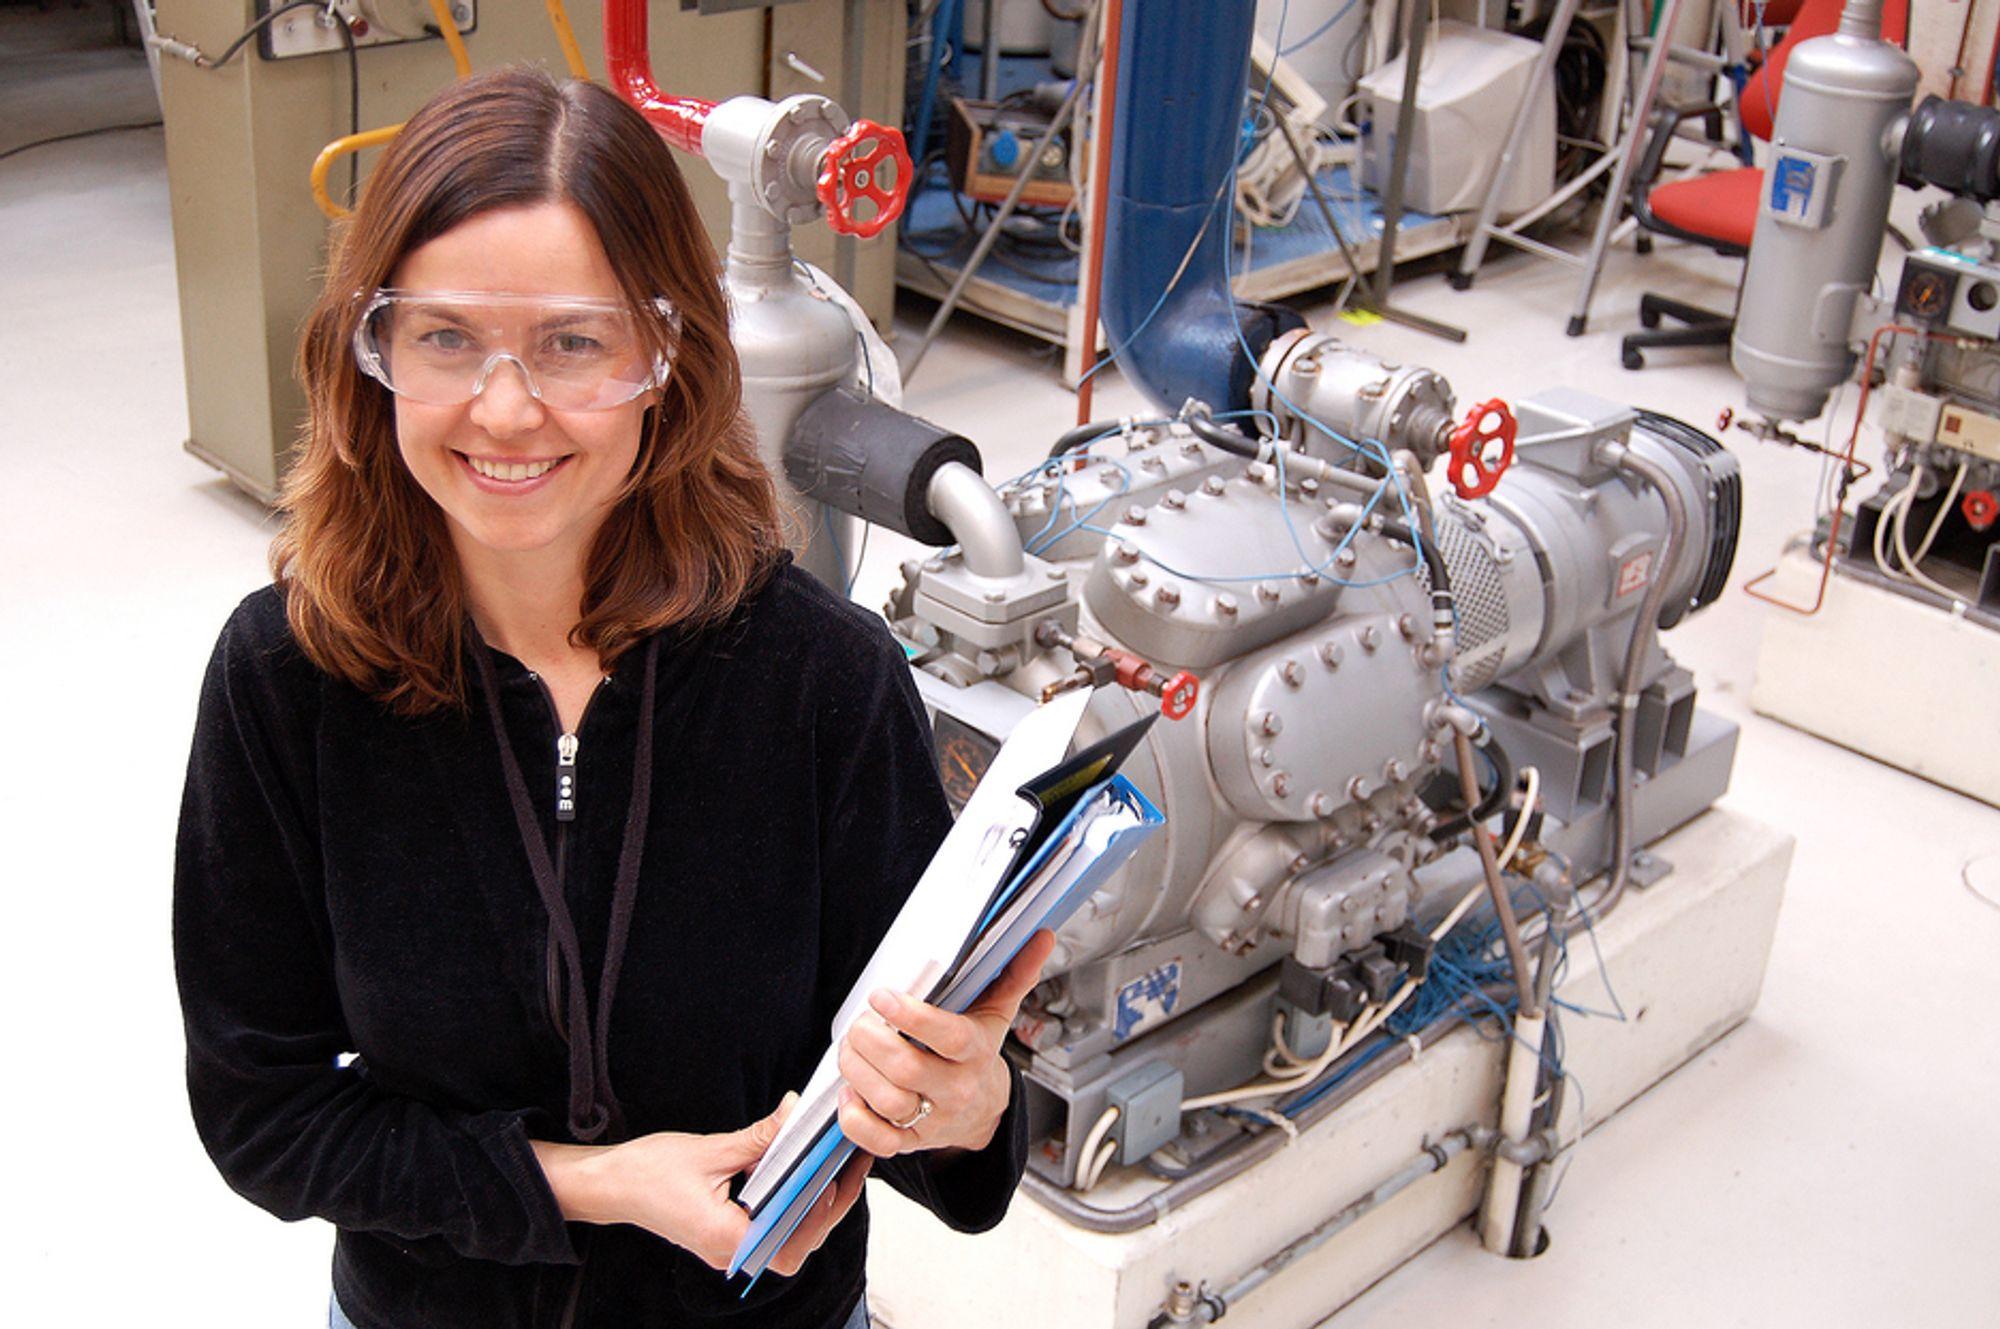 KALDT: - Det ligger et stort klimagasspotensial i å utnytte CO2 i kuldeanlegg, sier Sintef-forsker Anne Karin Hemmingsen.